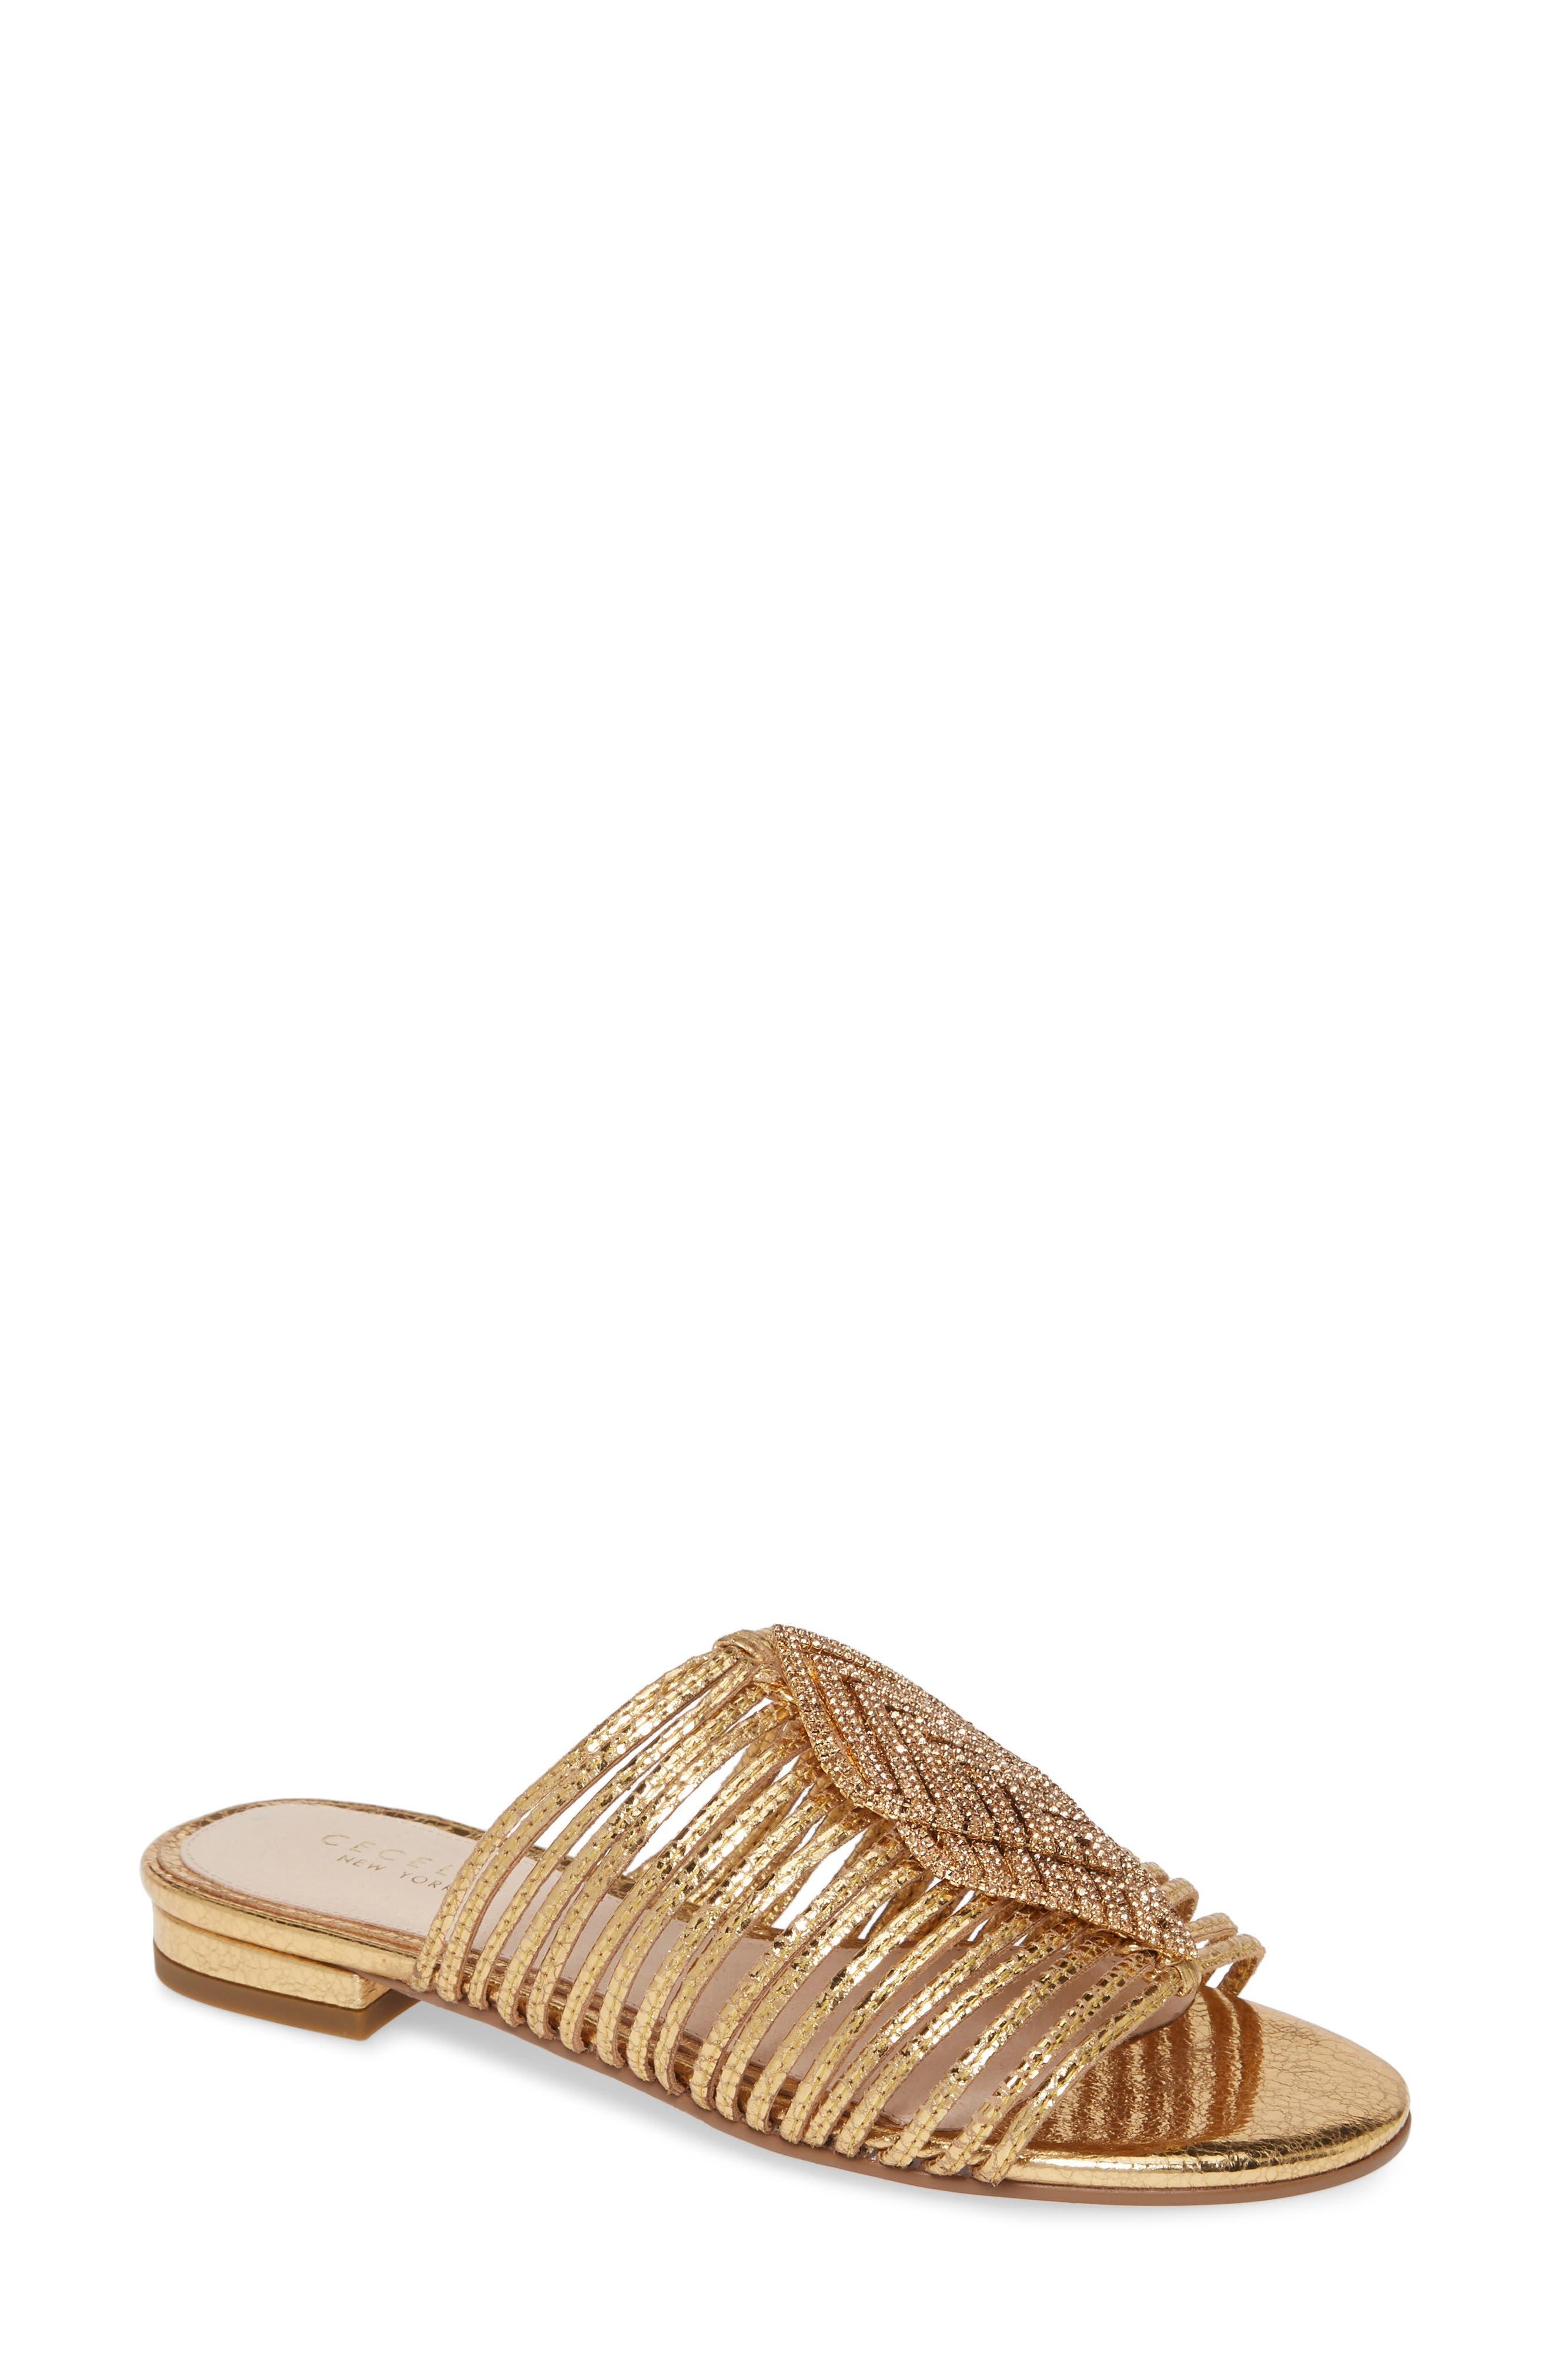 Darleen Embellished Sandal